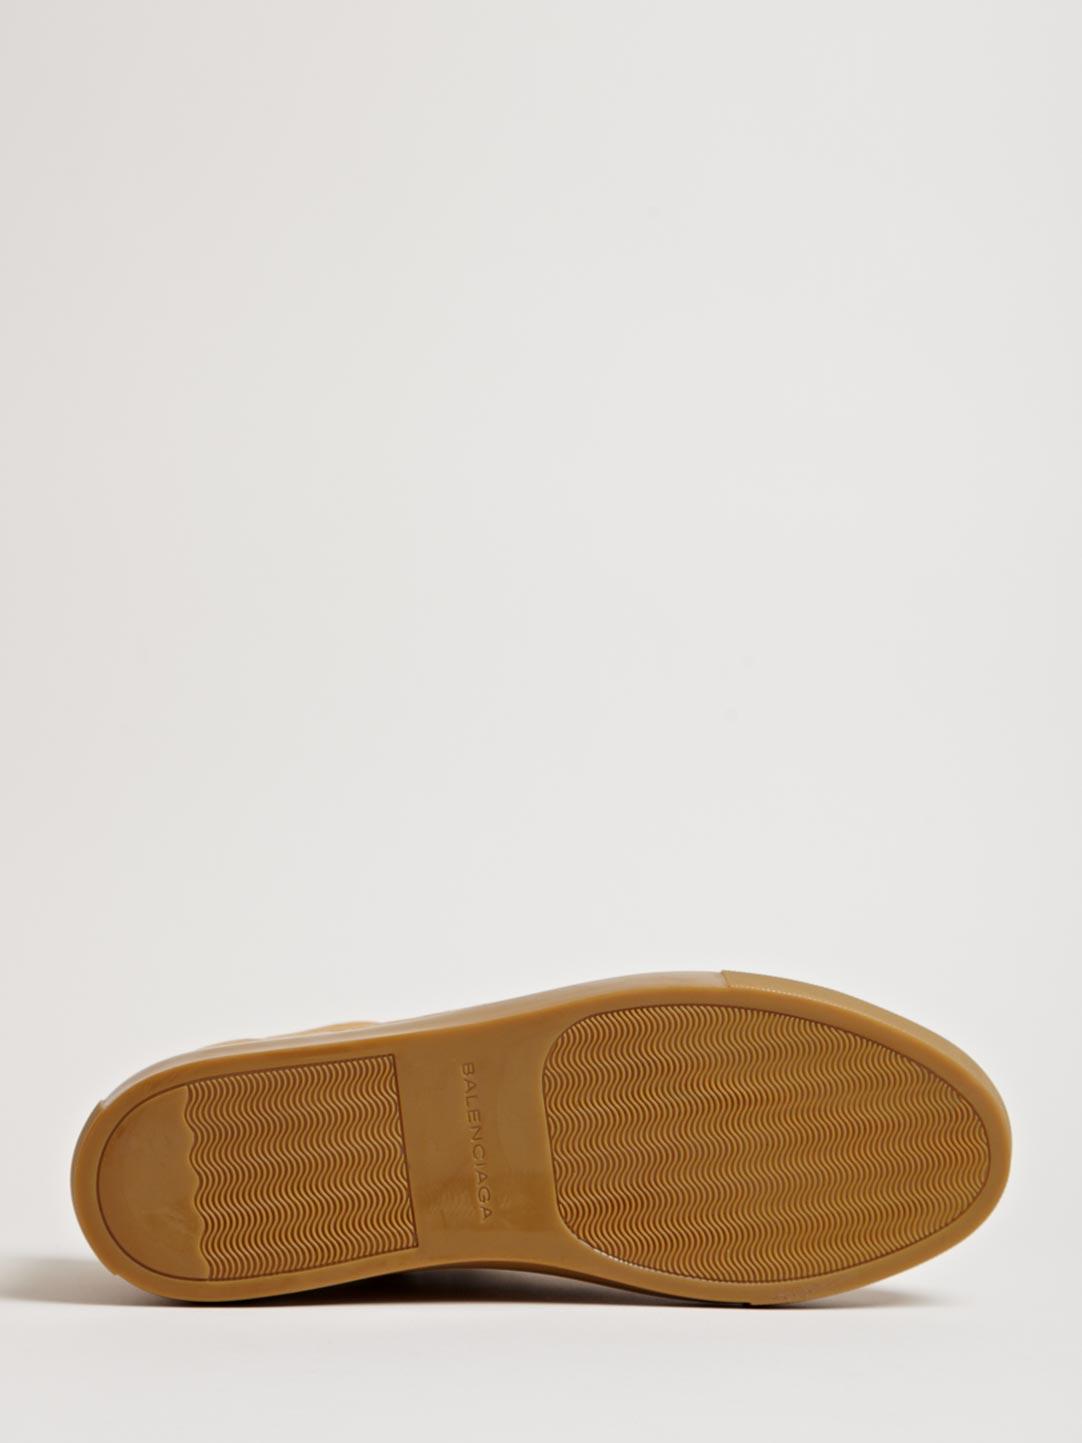 Caramel Balenciaga Arena Luxury Sneakers 4